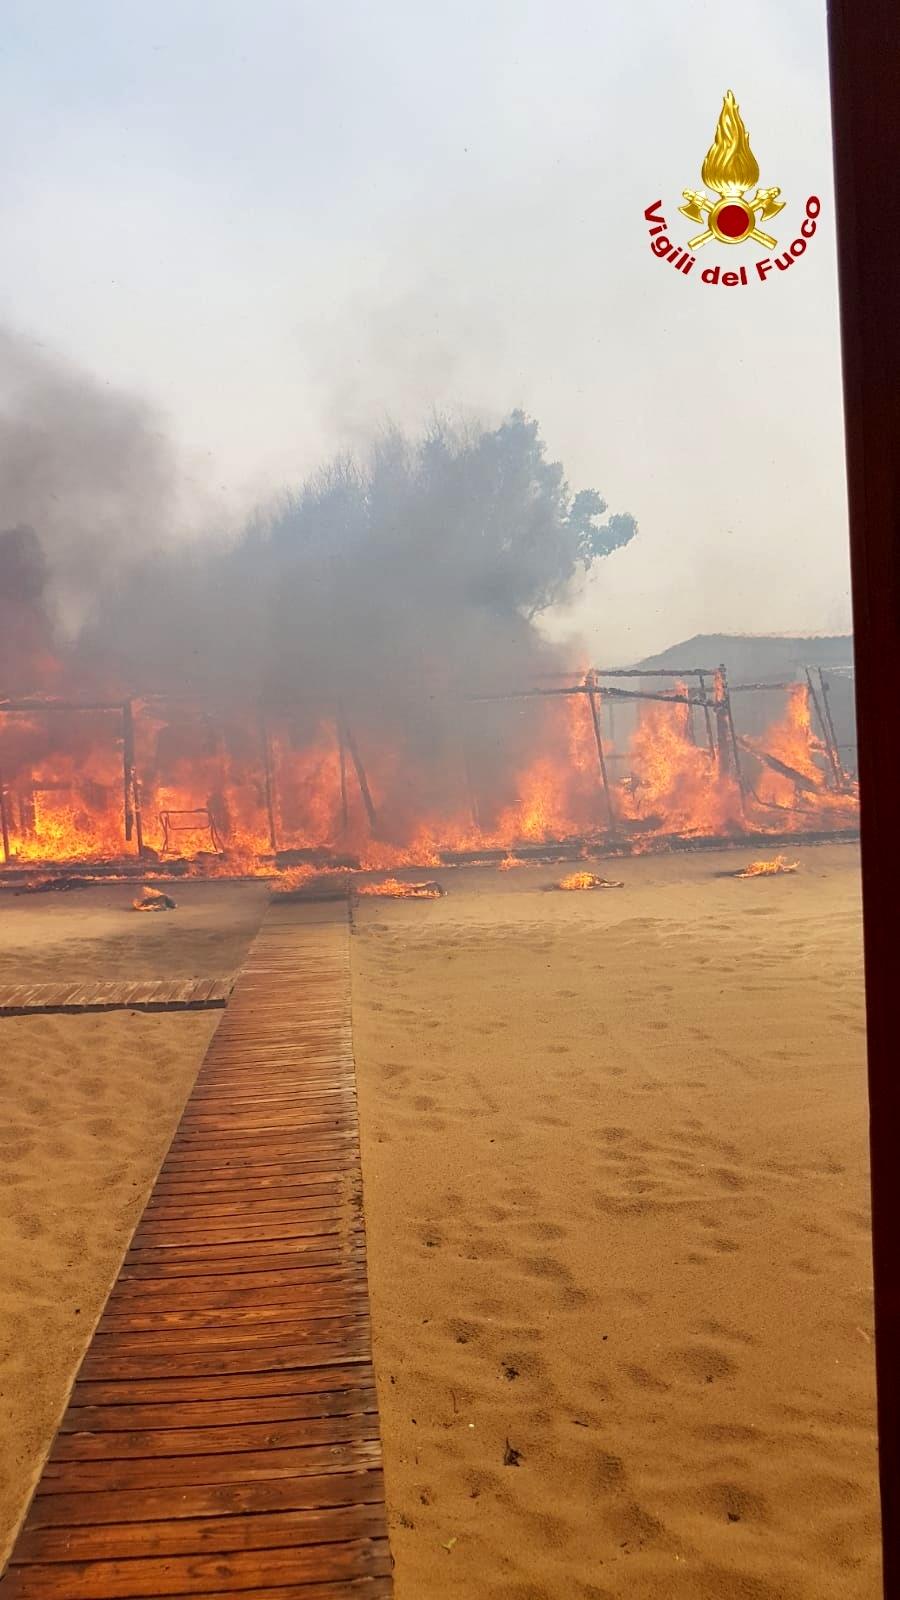 Lido Europa distrutto dalle fiamme 2-3